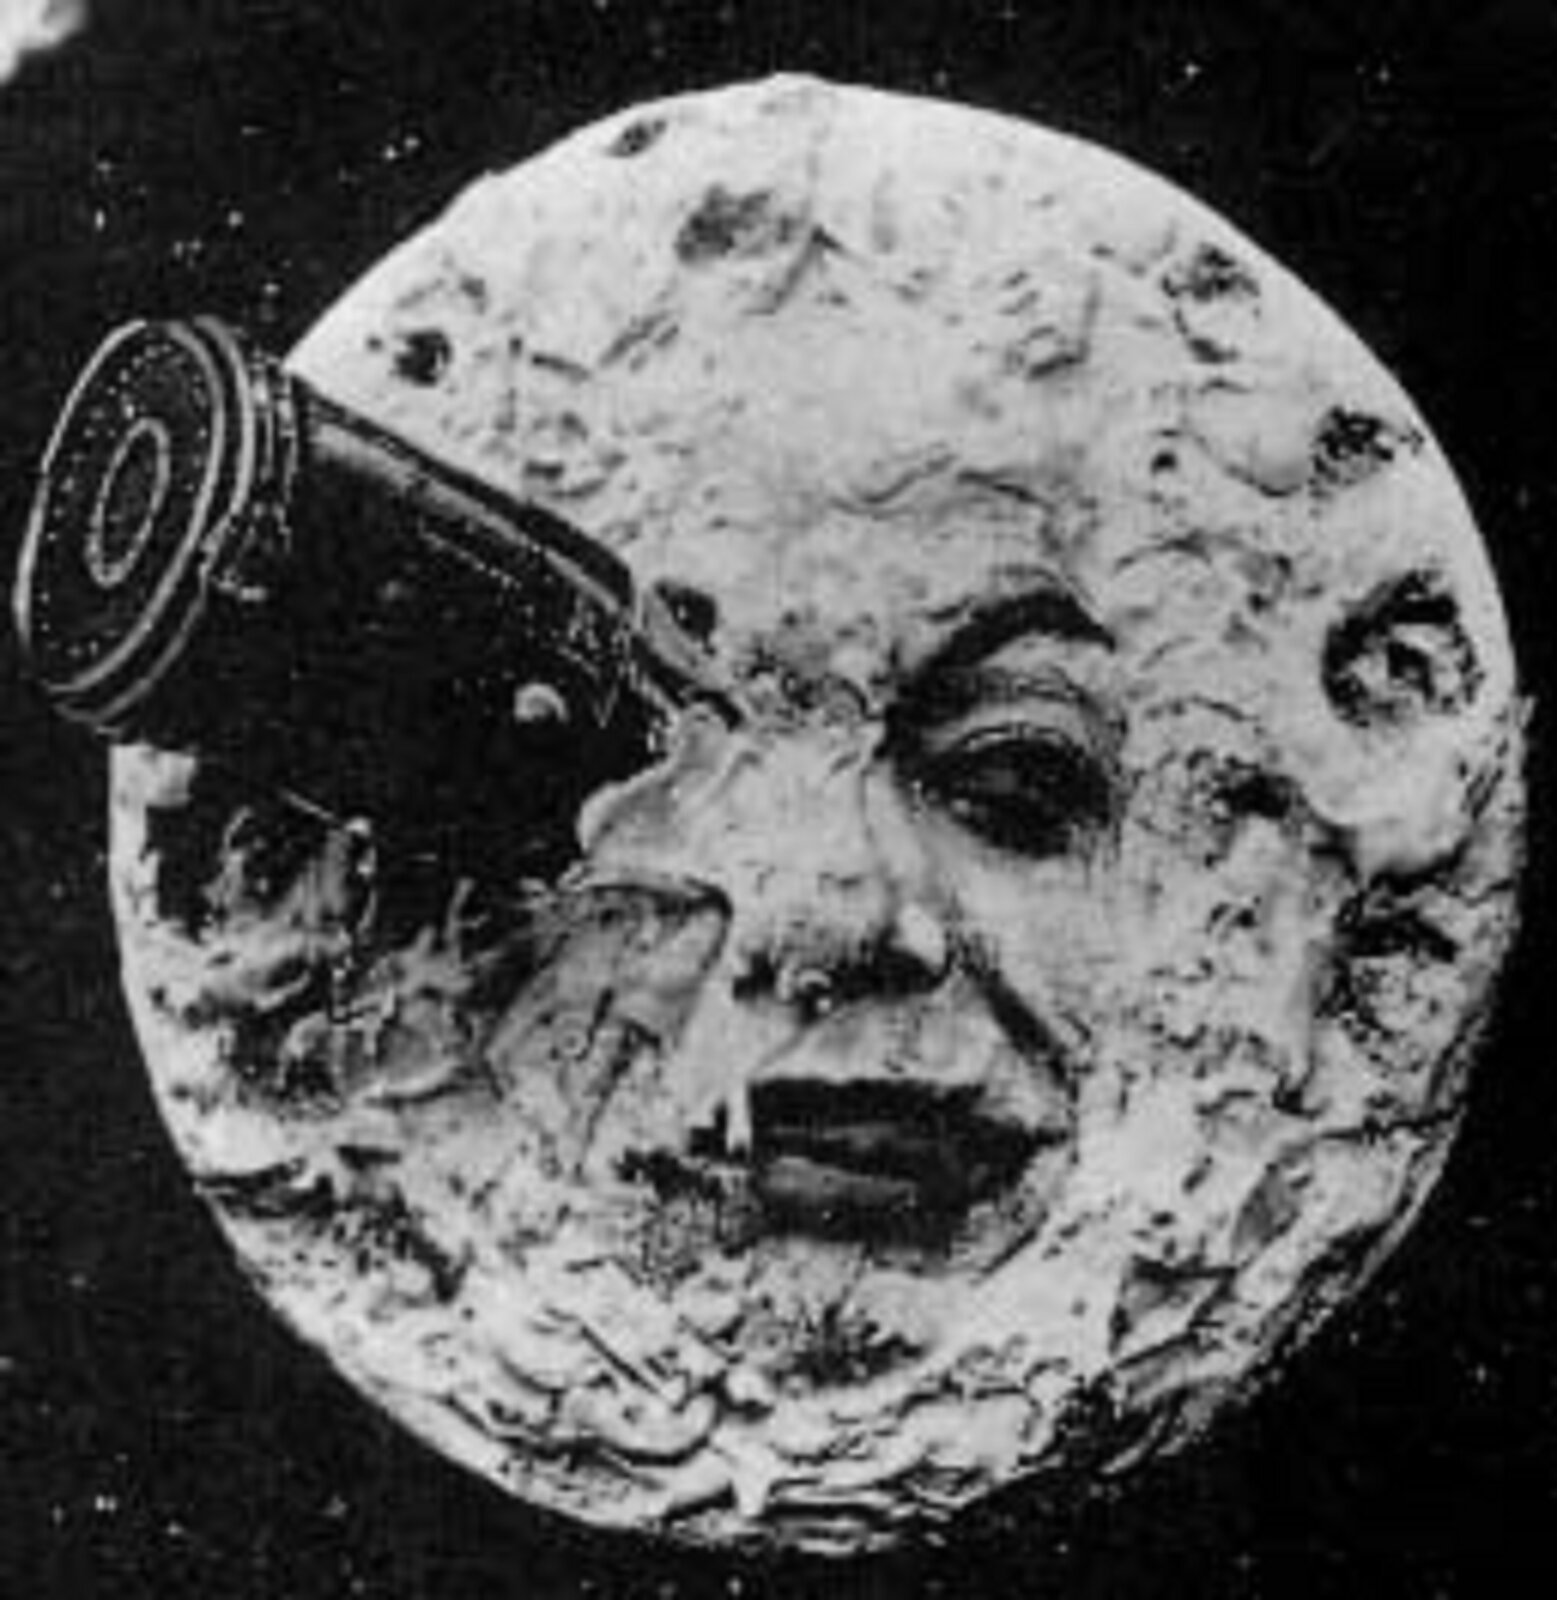 Ilustracja przedstawia czarno biały kadr zfilmu Podróż na księżyc, który prezentuje księżyc zoczami iustami. Wjednym oku księżyc ma zaaplikowaną lunetę.